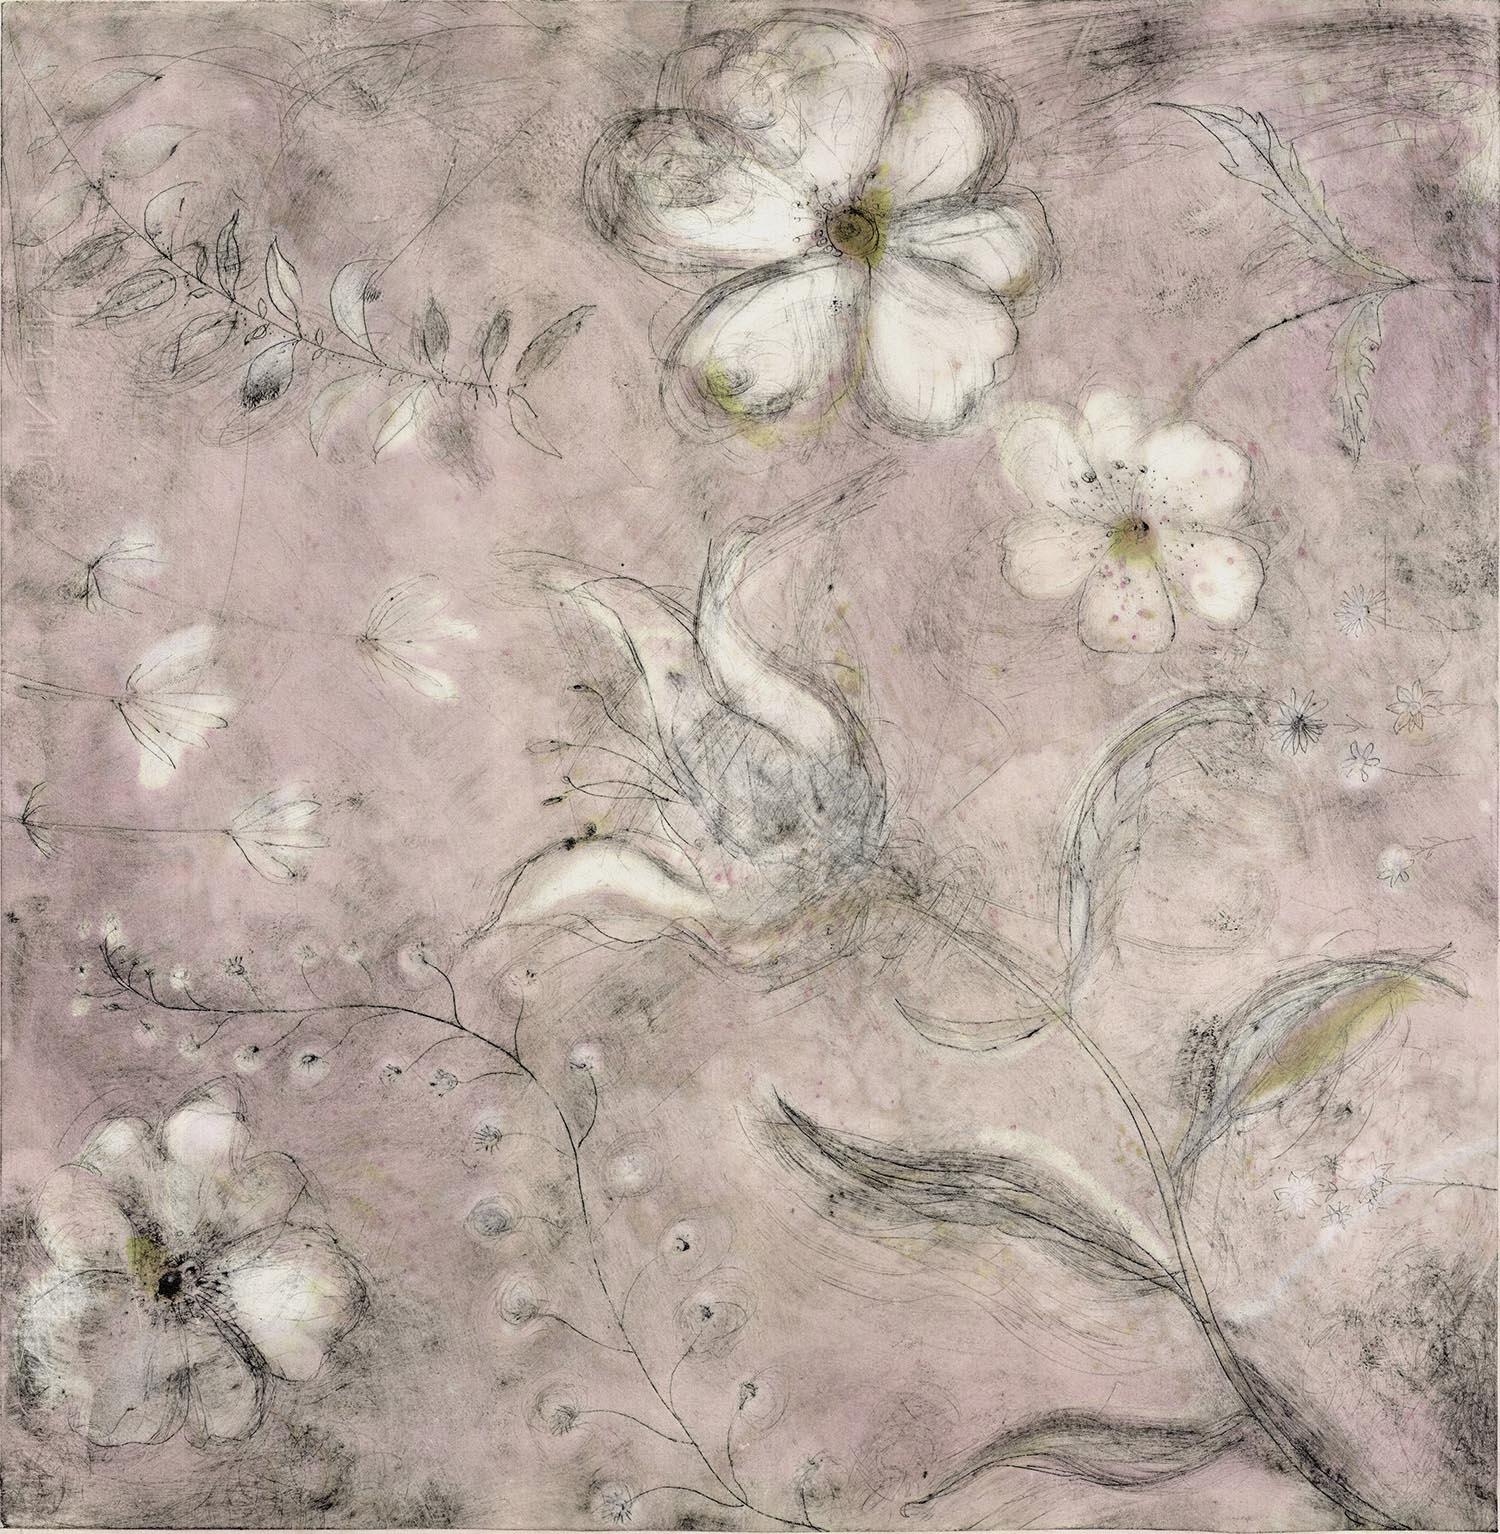 Vintage Petals - handcoloured drypoint image 48x49cm pale oak framed 60x64cm £225